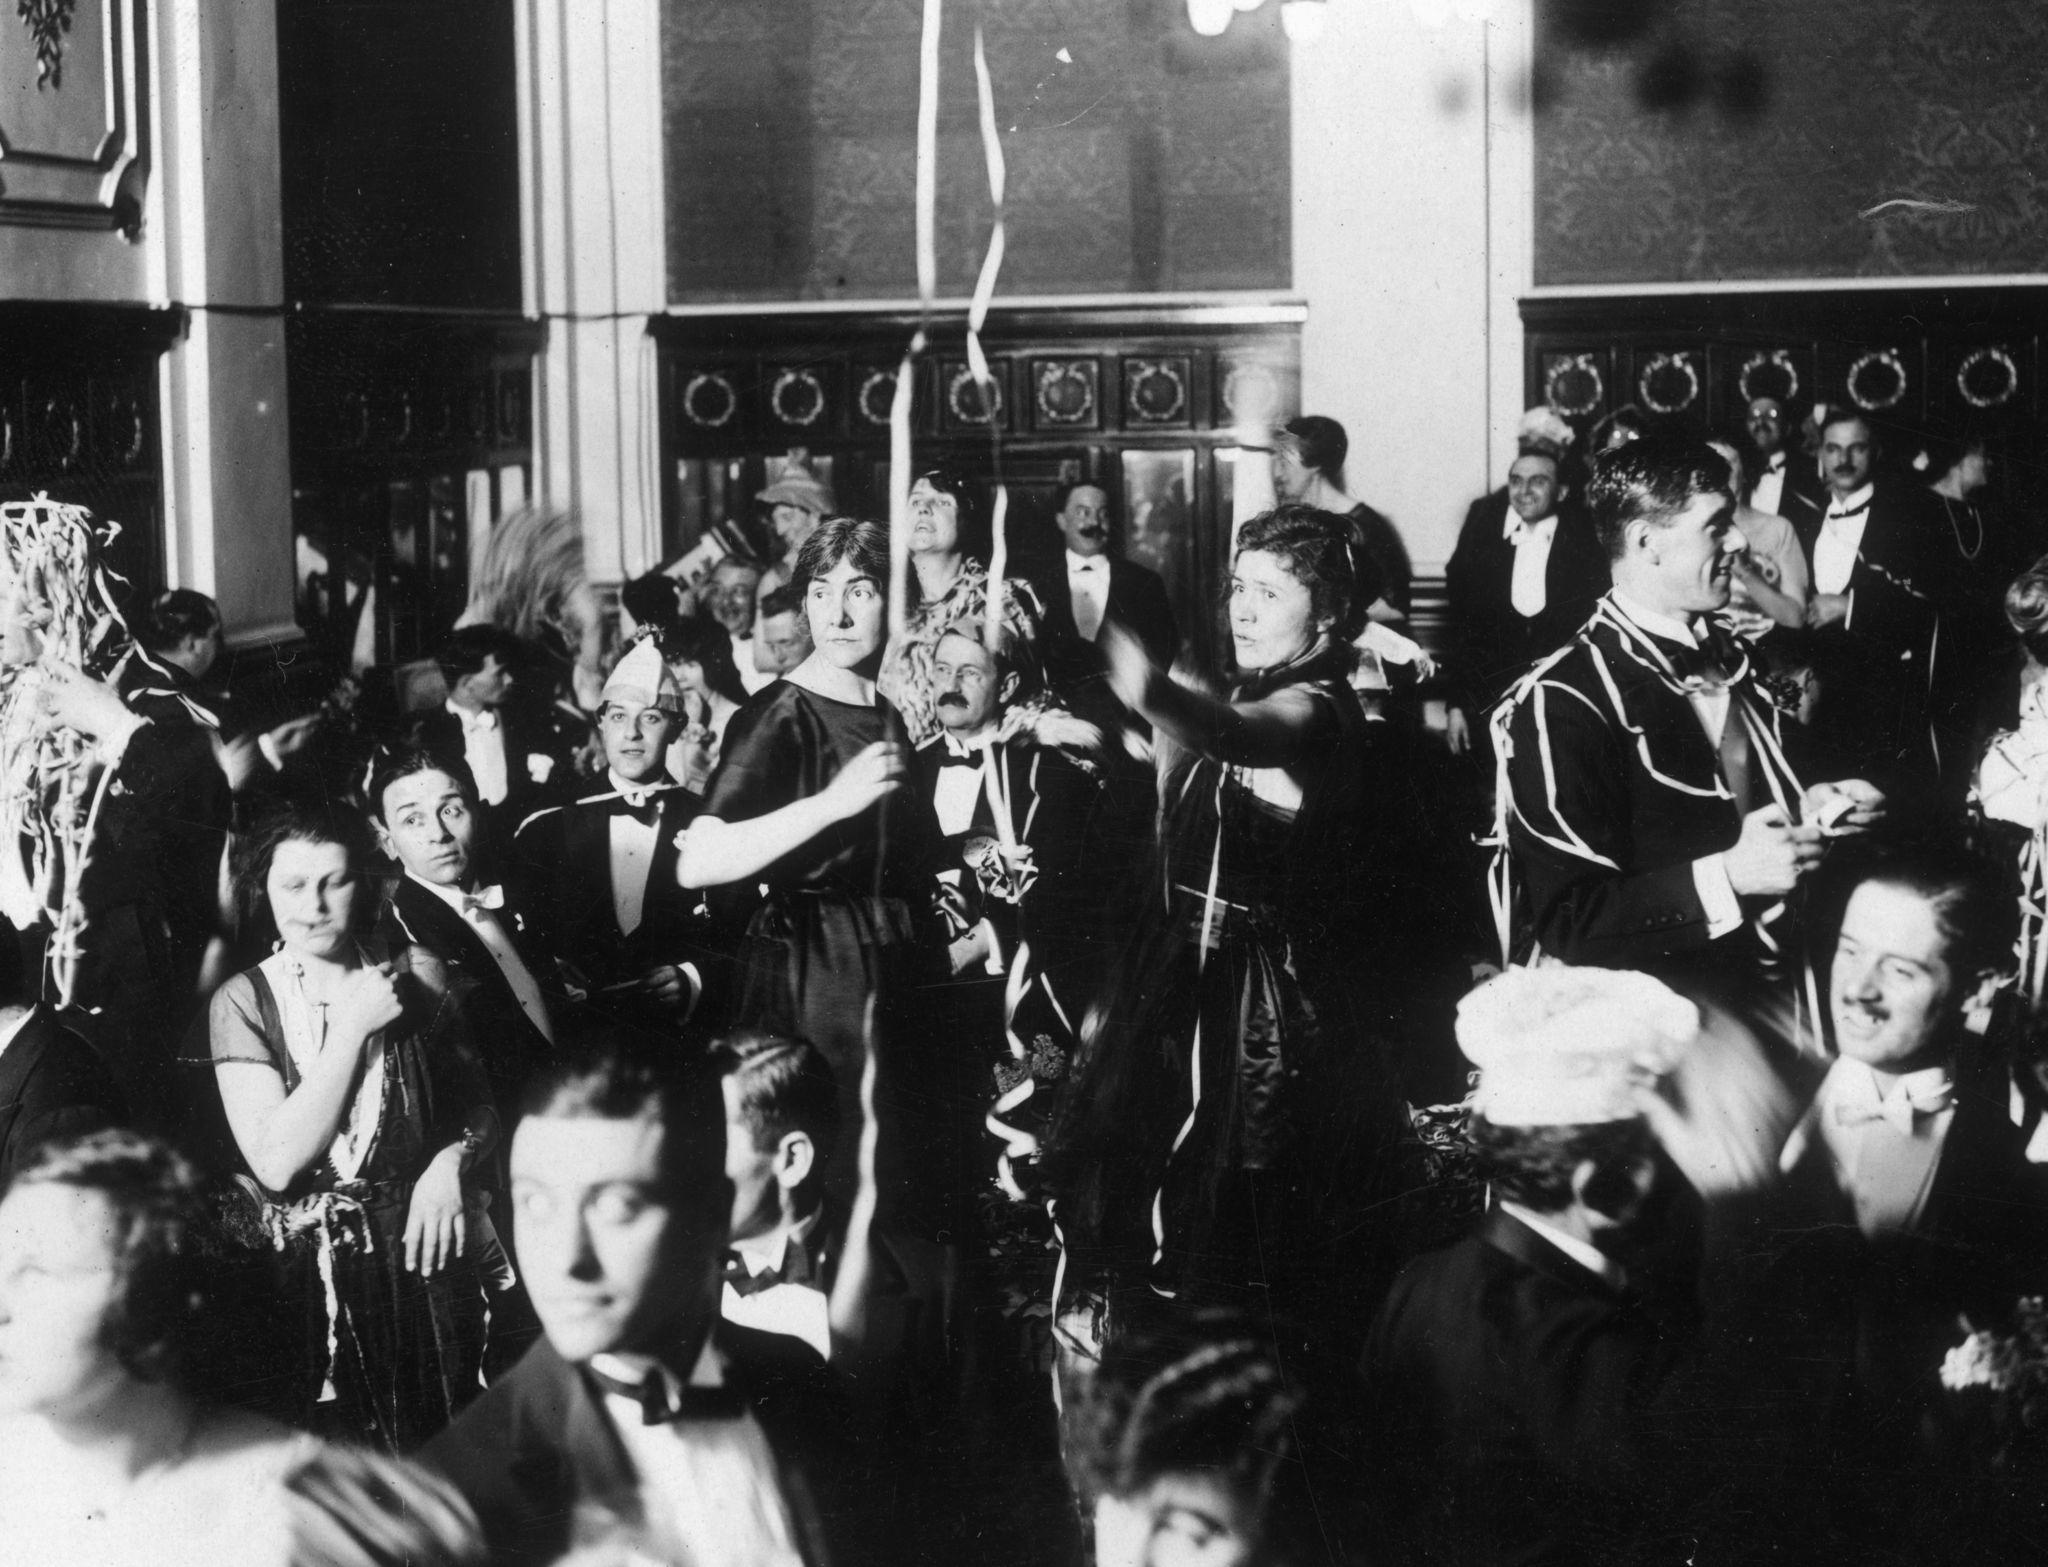 1921. Новогодние праздники отмечают на вечеринке в отеле Victoria в Лондоне.jpg